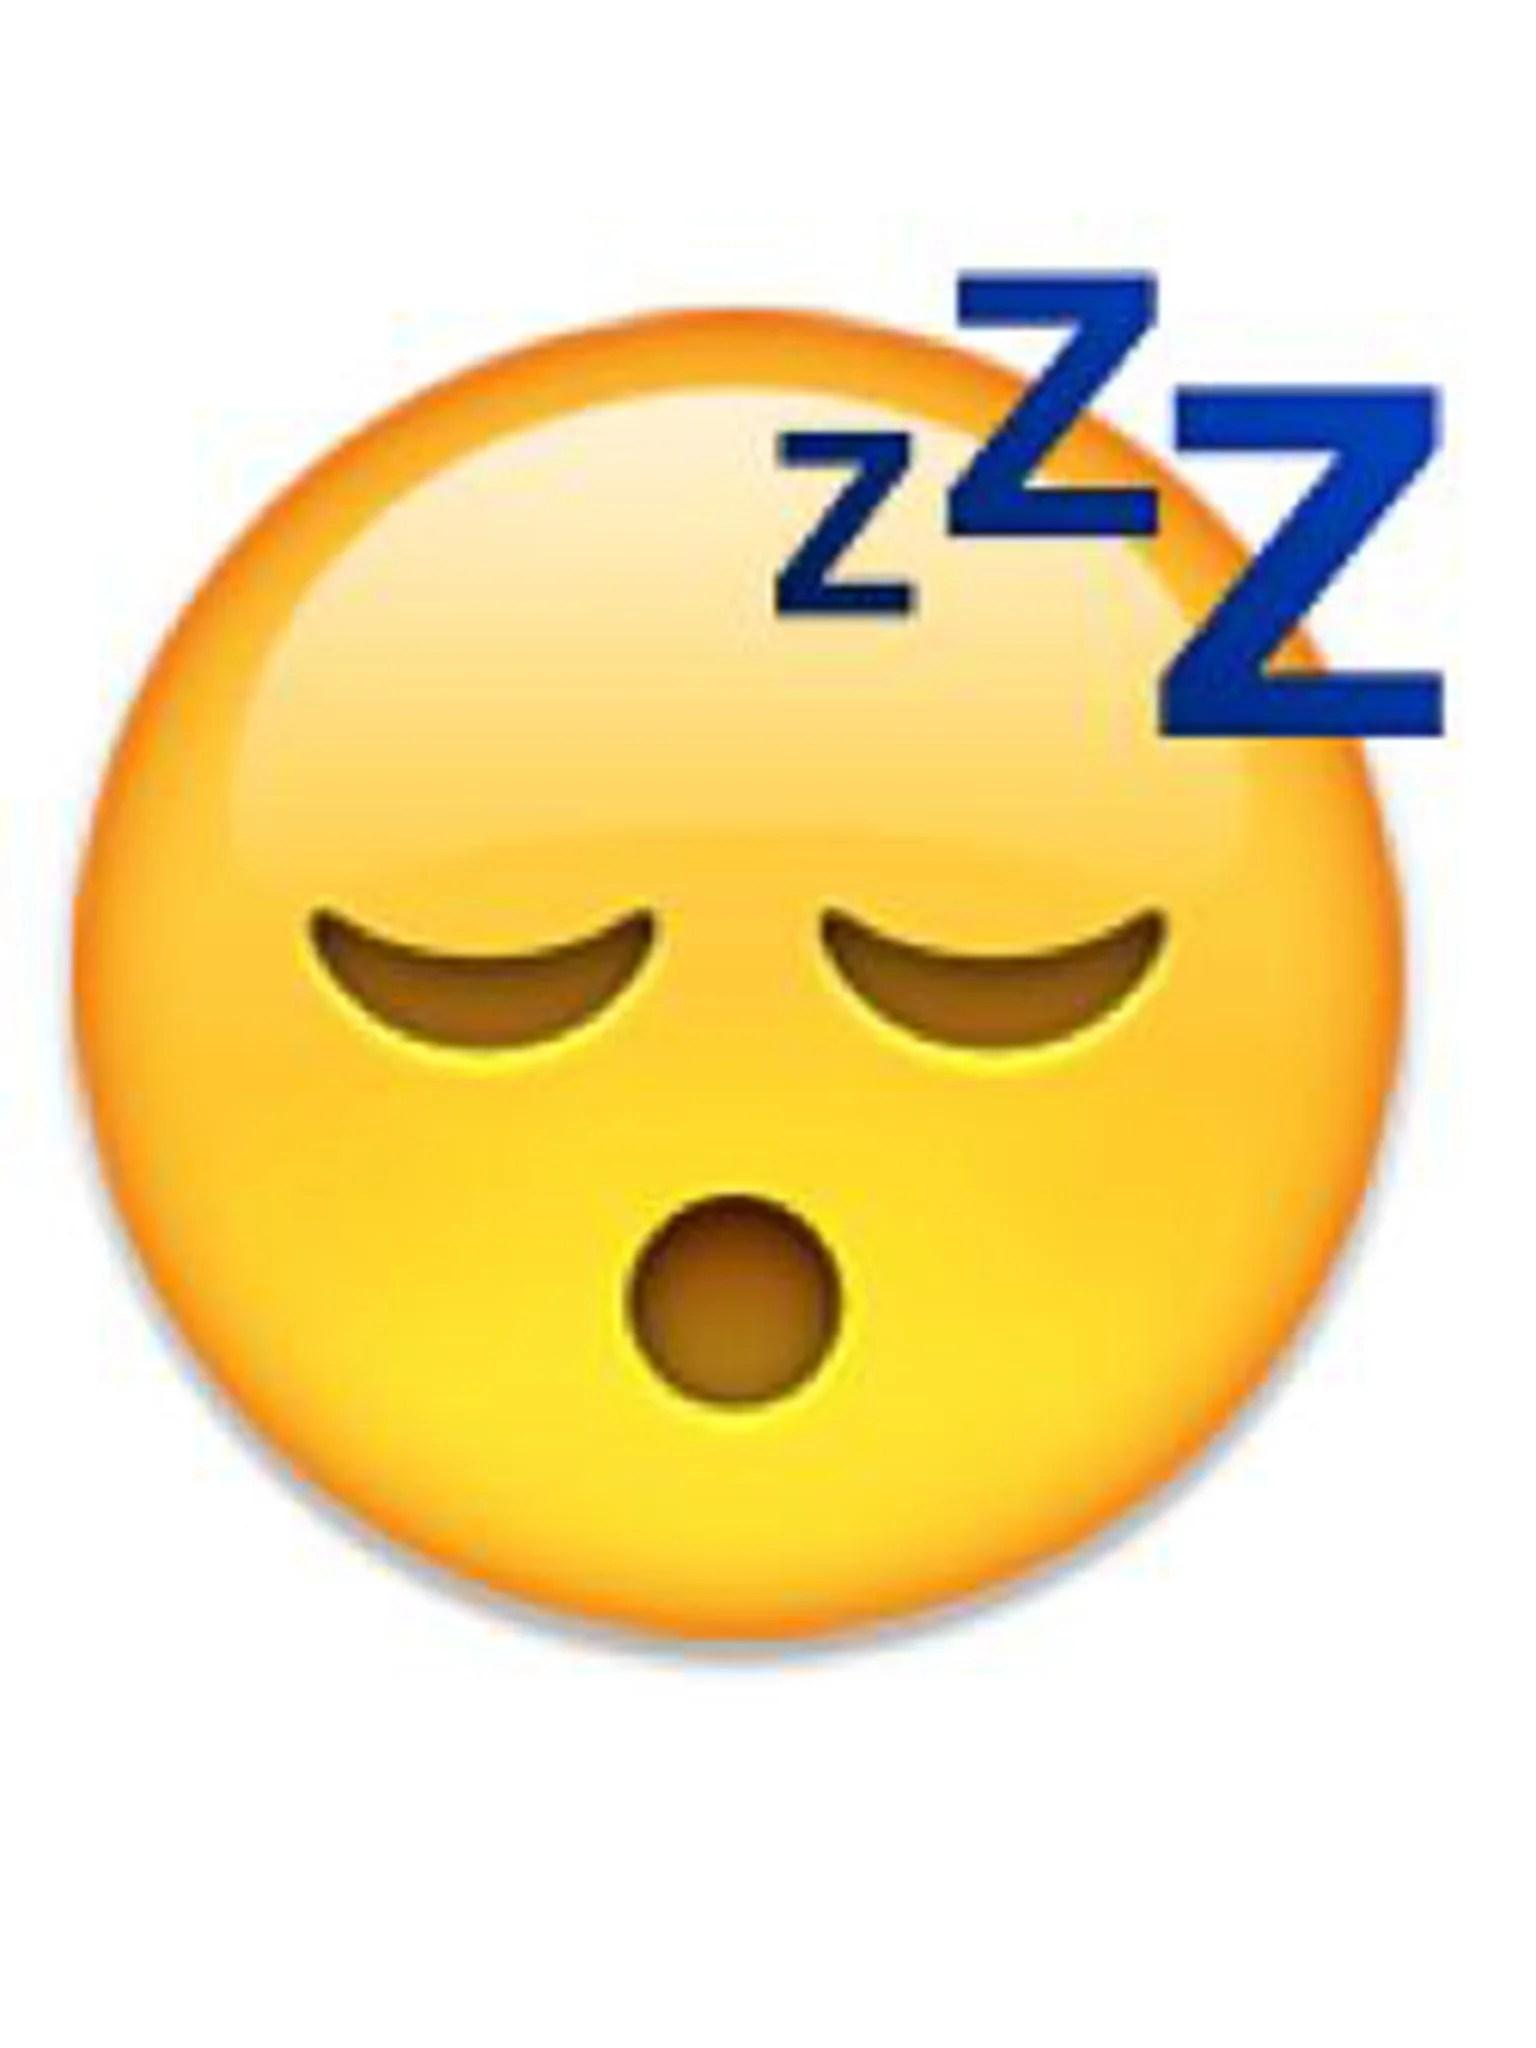 the new period emoji